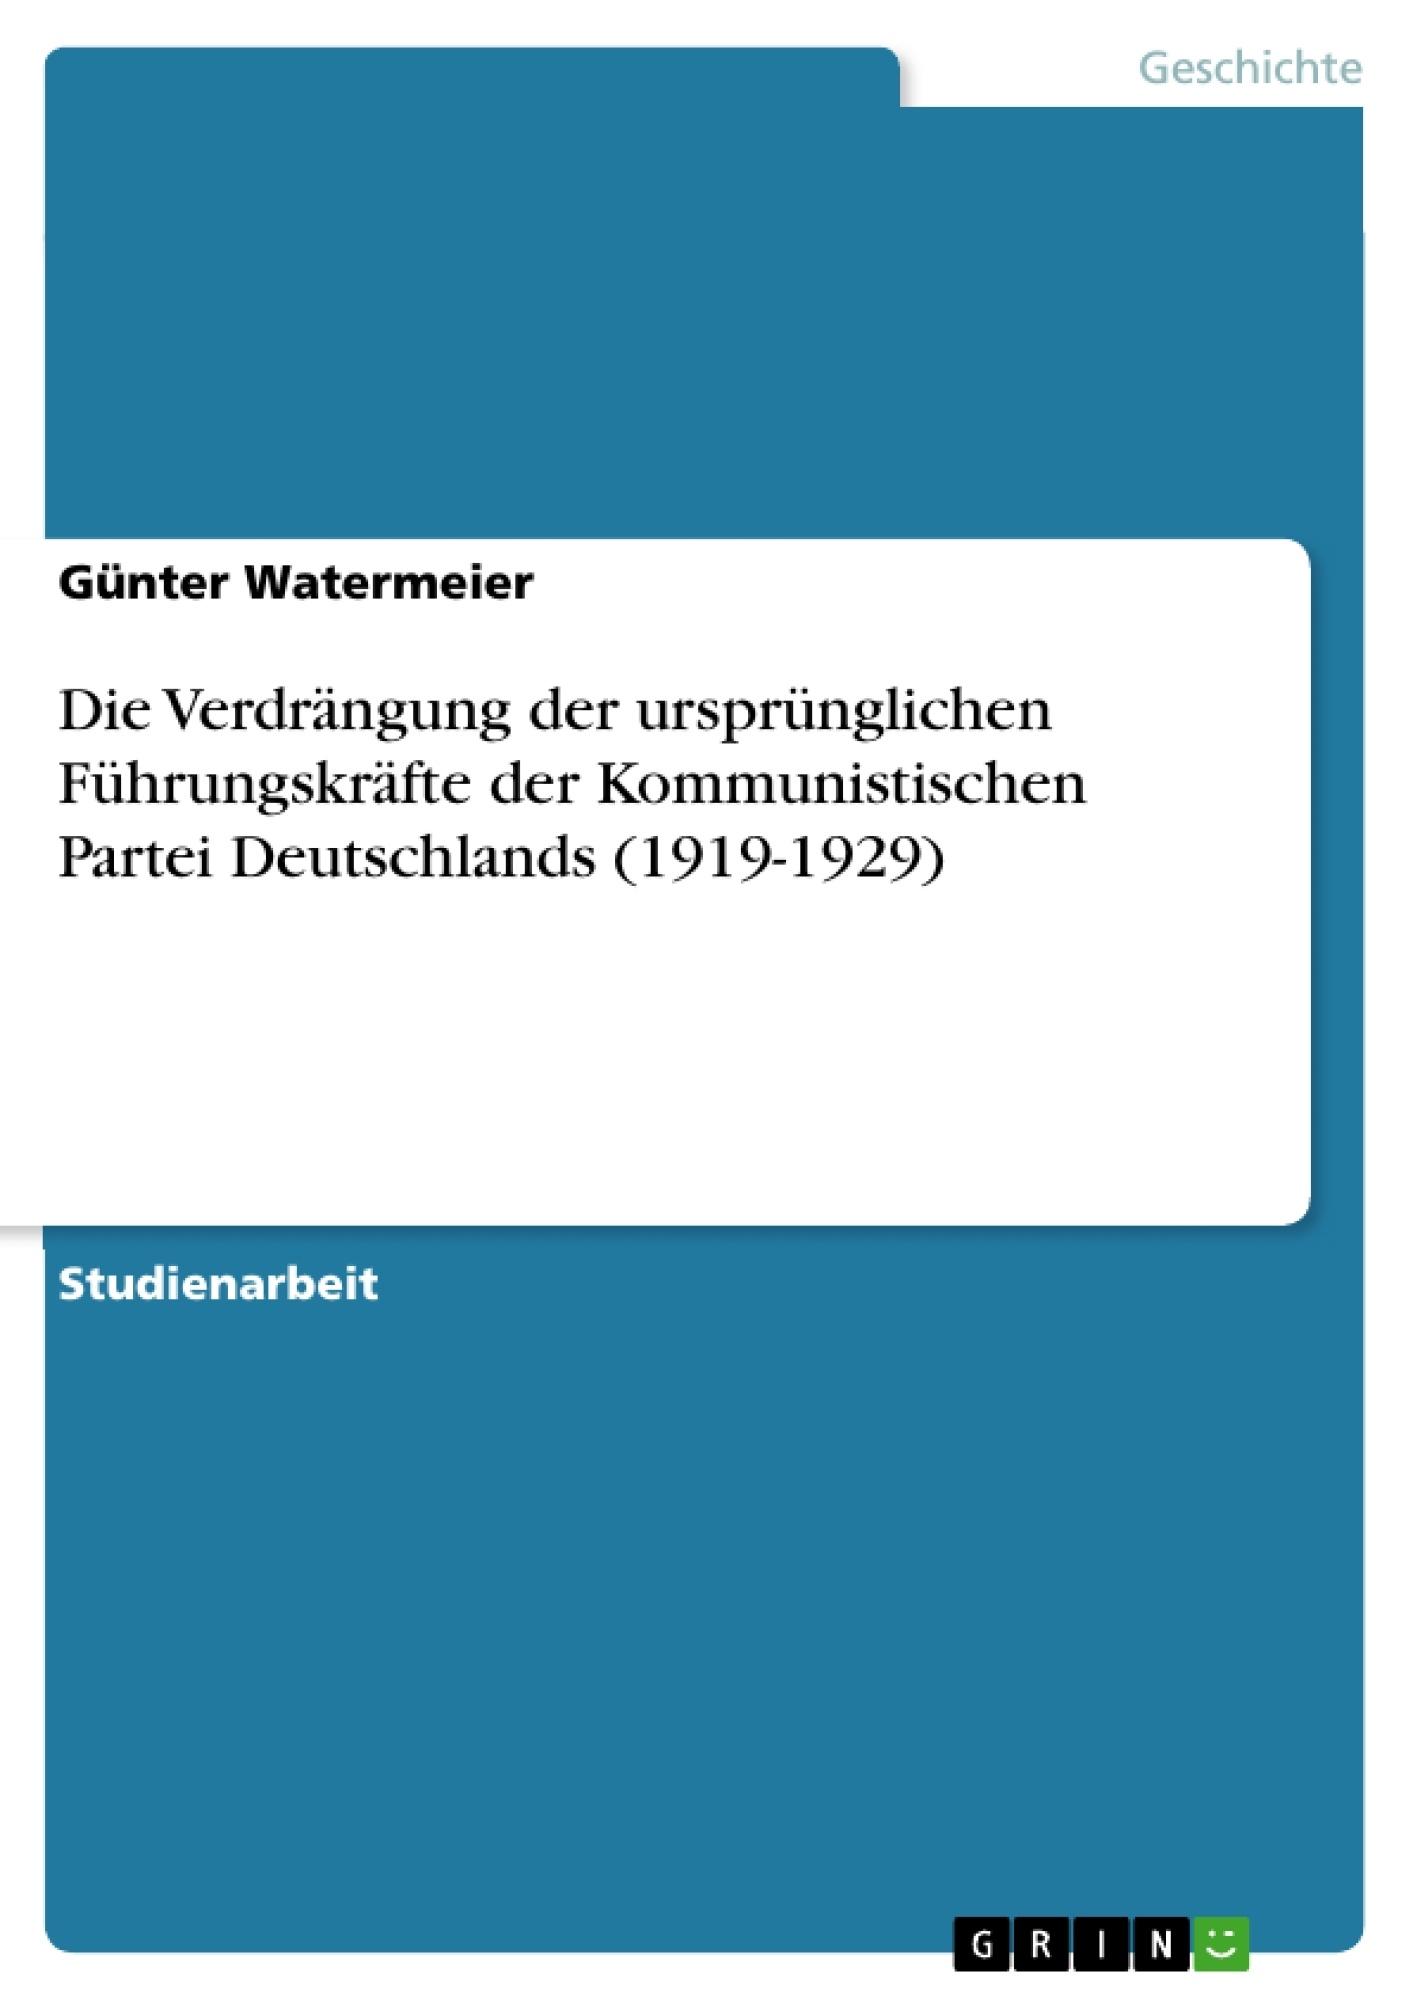 Titel: Die Verdrängung der ursprünglichen Führungskräfte der Kommunistischen Partei Deutschlands (1919-1929)